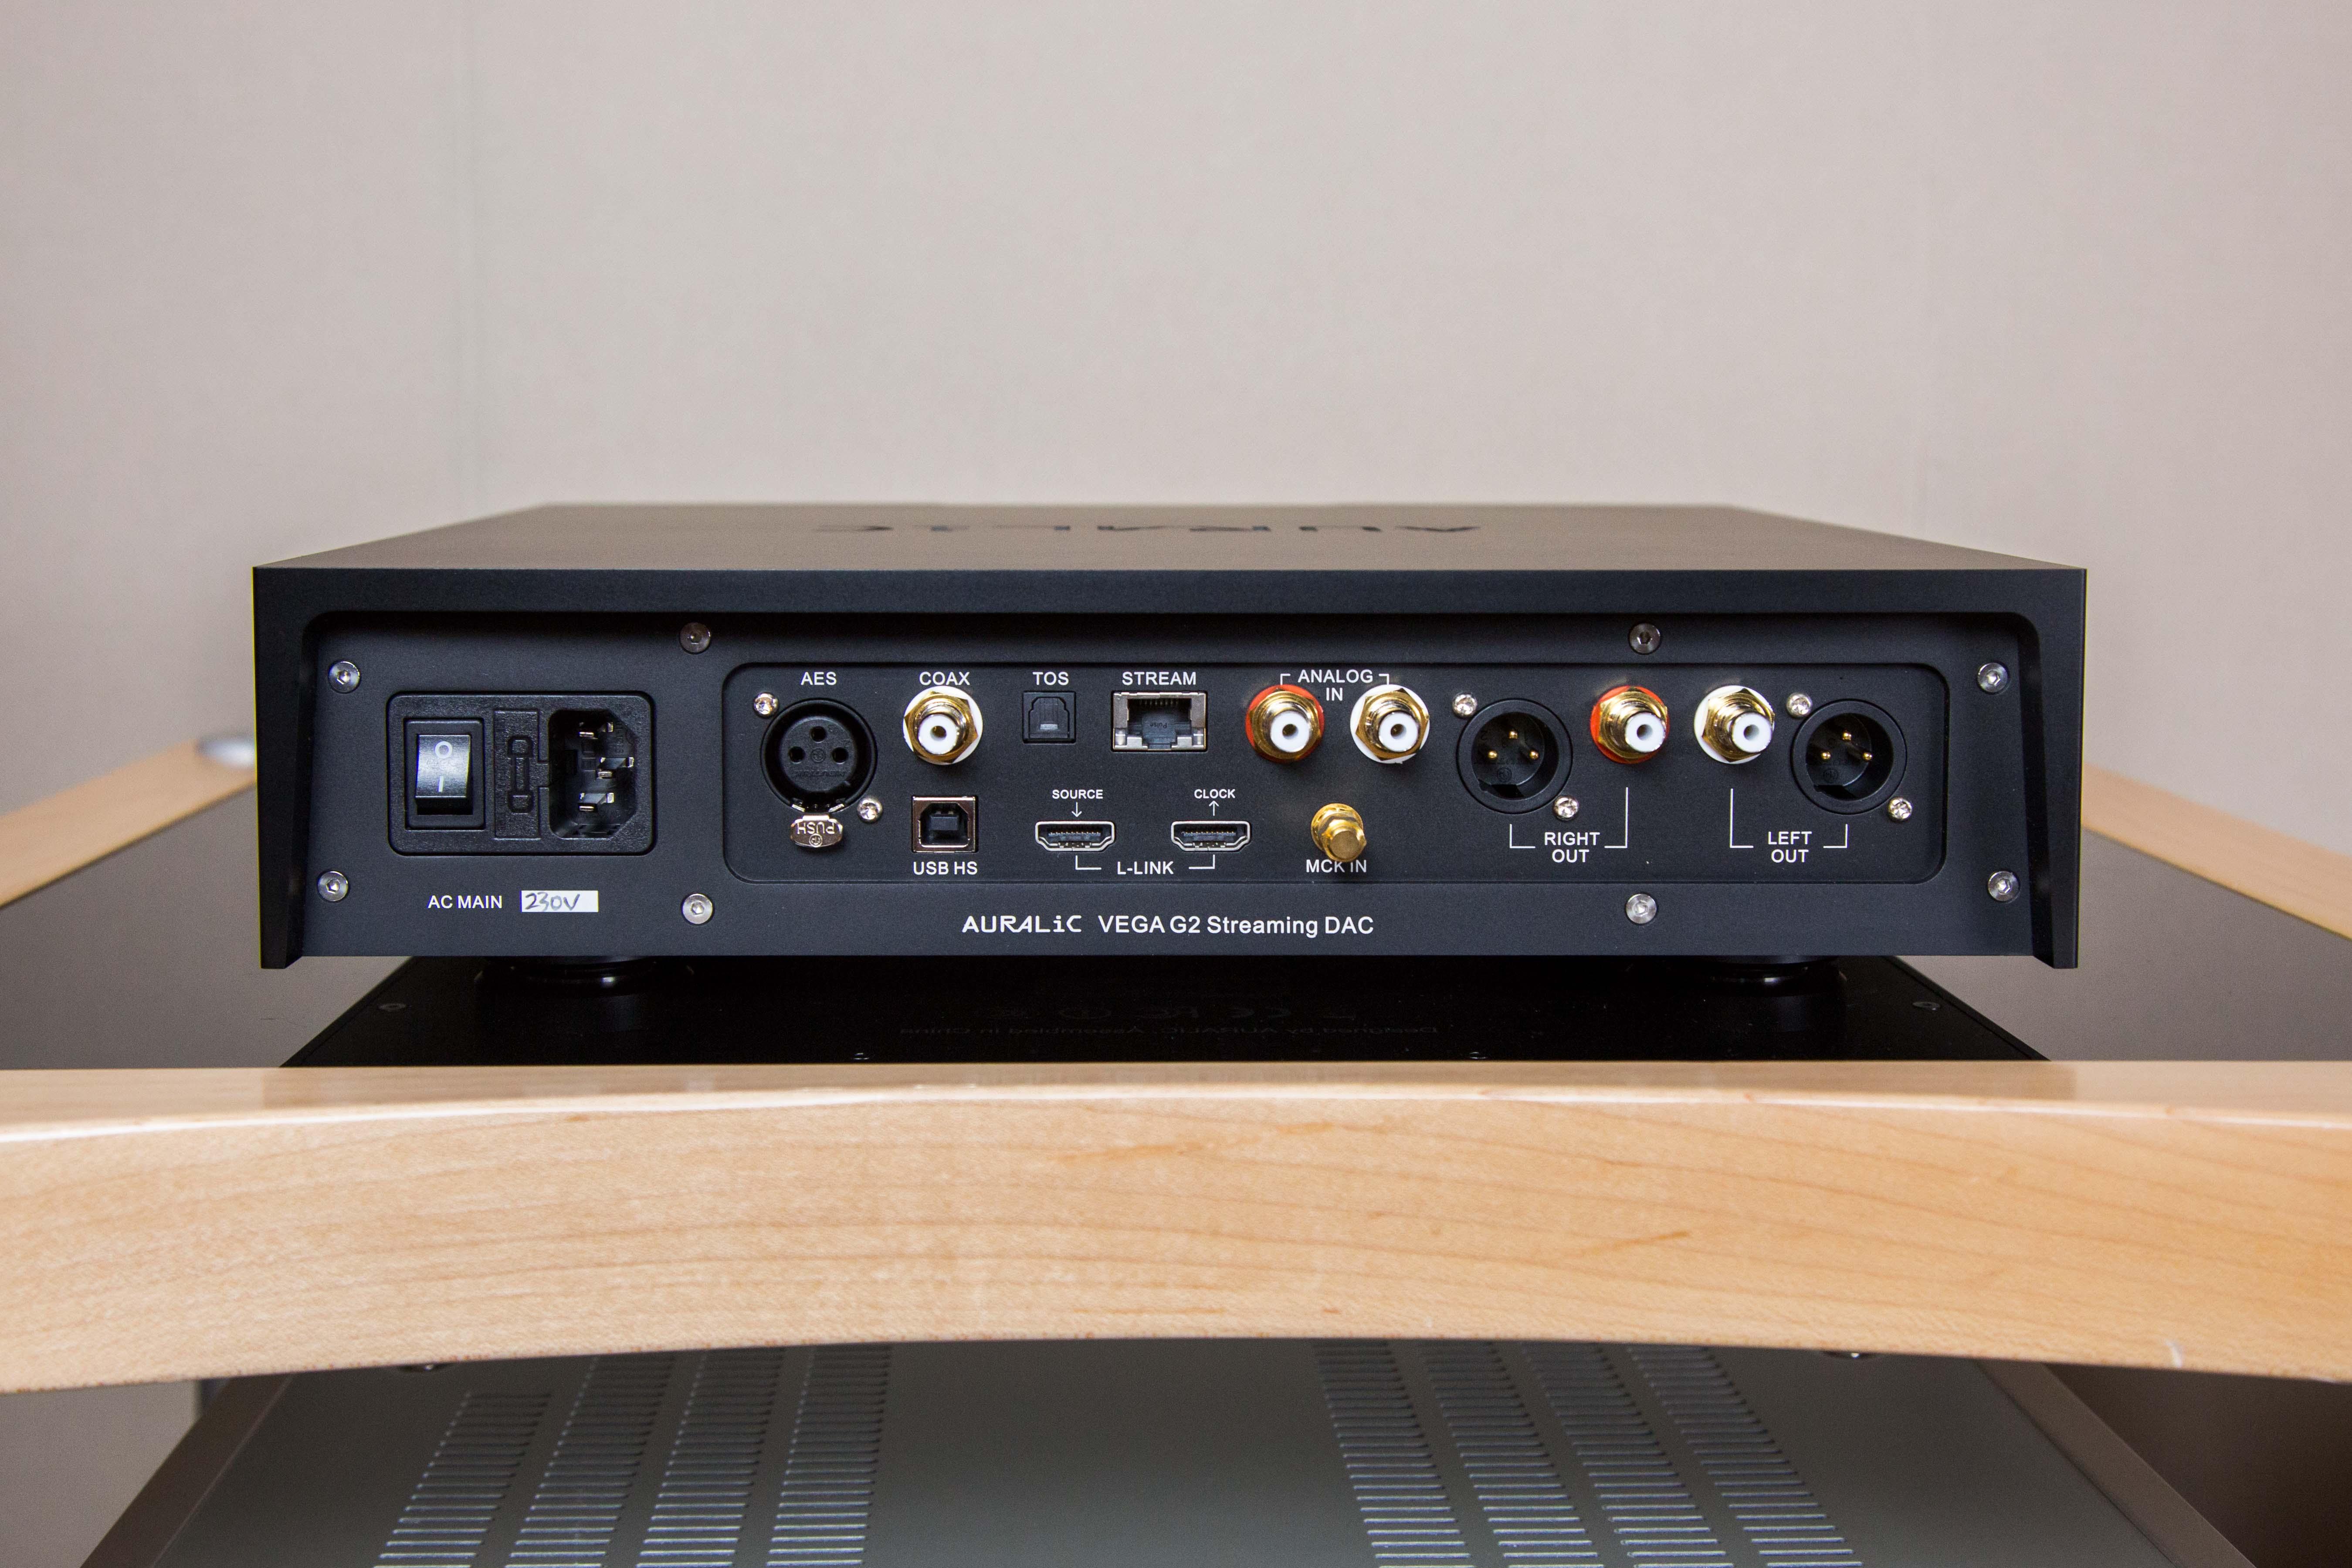 Der Auralic Vega G2 bietet eine Vielzahl unterschiedlicher Schnittstellen